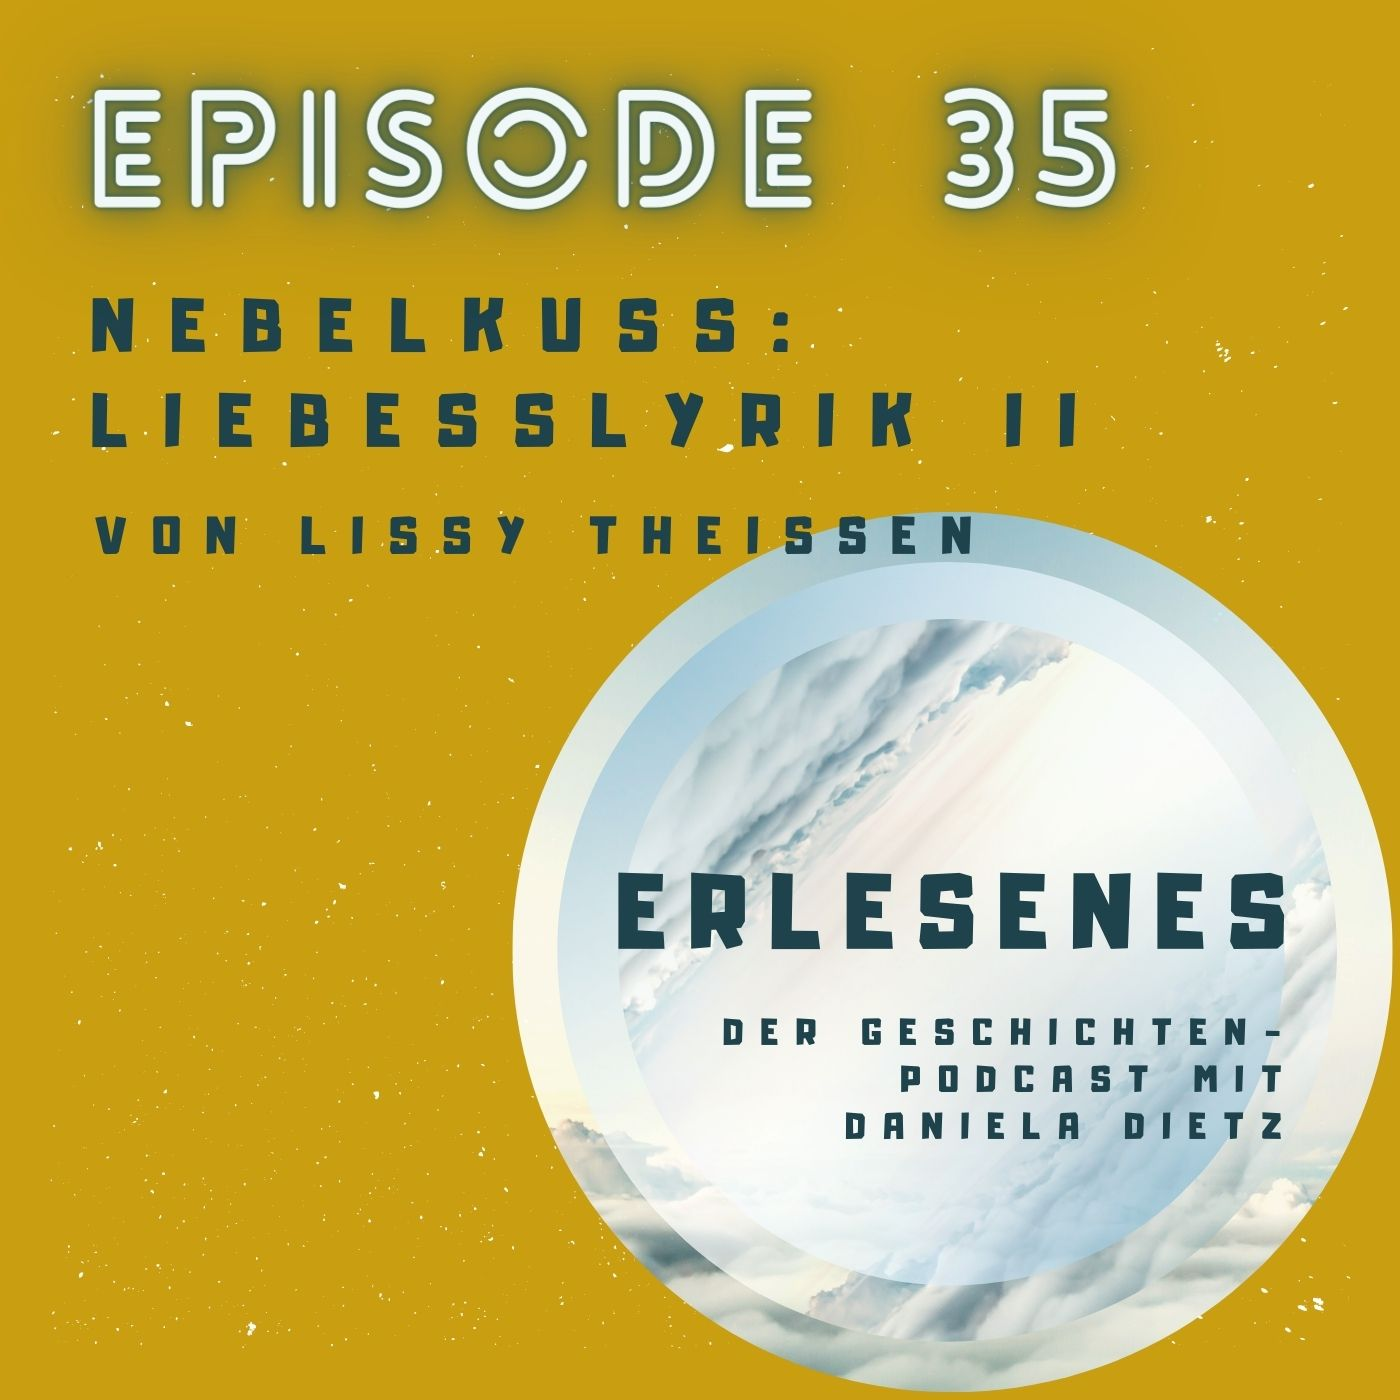 Episode 35: Nebelkuss - Liebes- und Beziehungslyrik II von Lissy Theissen